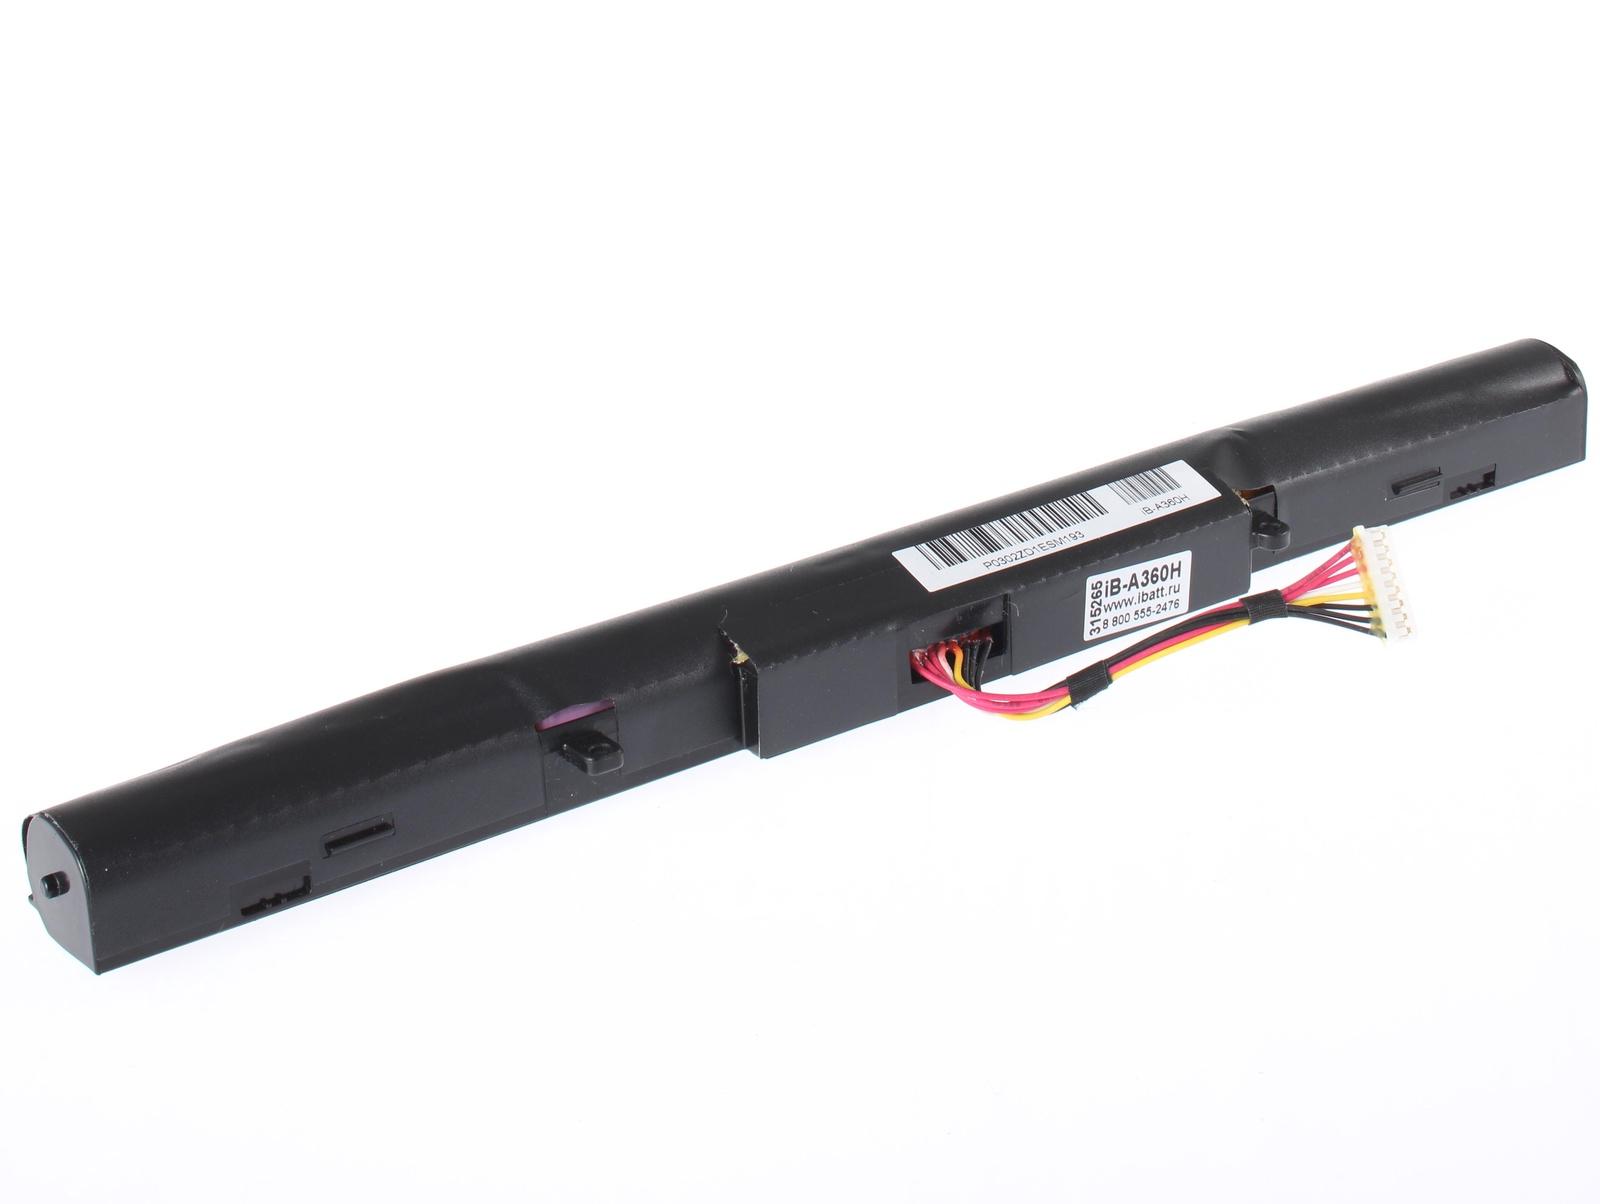 Аккумуляторная батарея iBatt iB-T4-A360H 2600mAh для ноутбуков Asus X550CC-2117U, X550CC-XO340H, X550LDV, X552VL, X550CC-XO103H, X450LD, X550CC-XO104H, X450LA, X450JN, X552LDV, X450LNV, X550CC-XO108H, X550CC-XO605H, X550LAV, K550LC, X450LC, asus x550cc